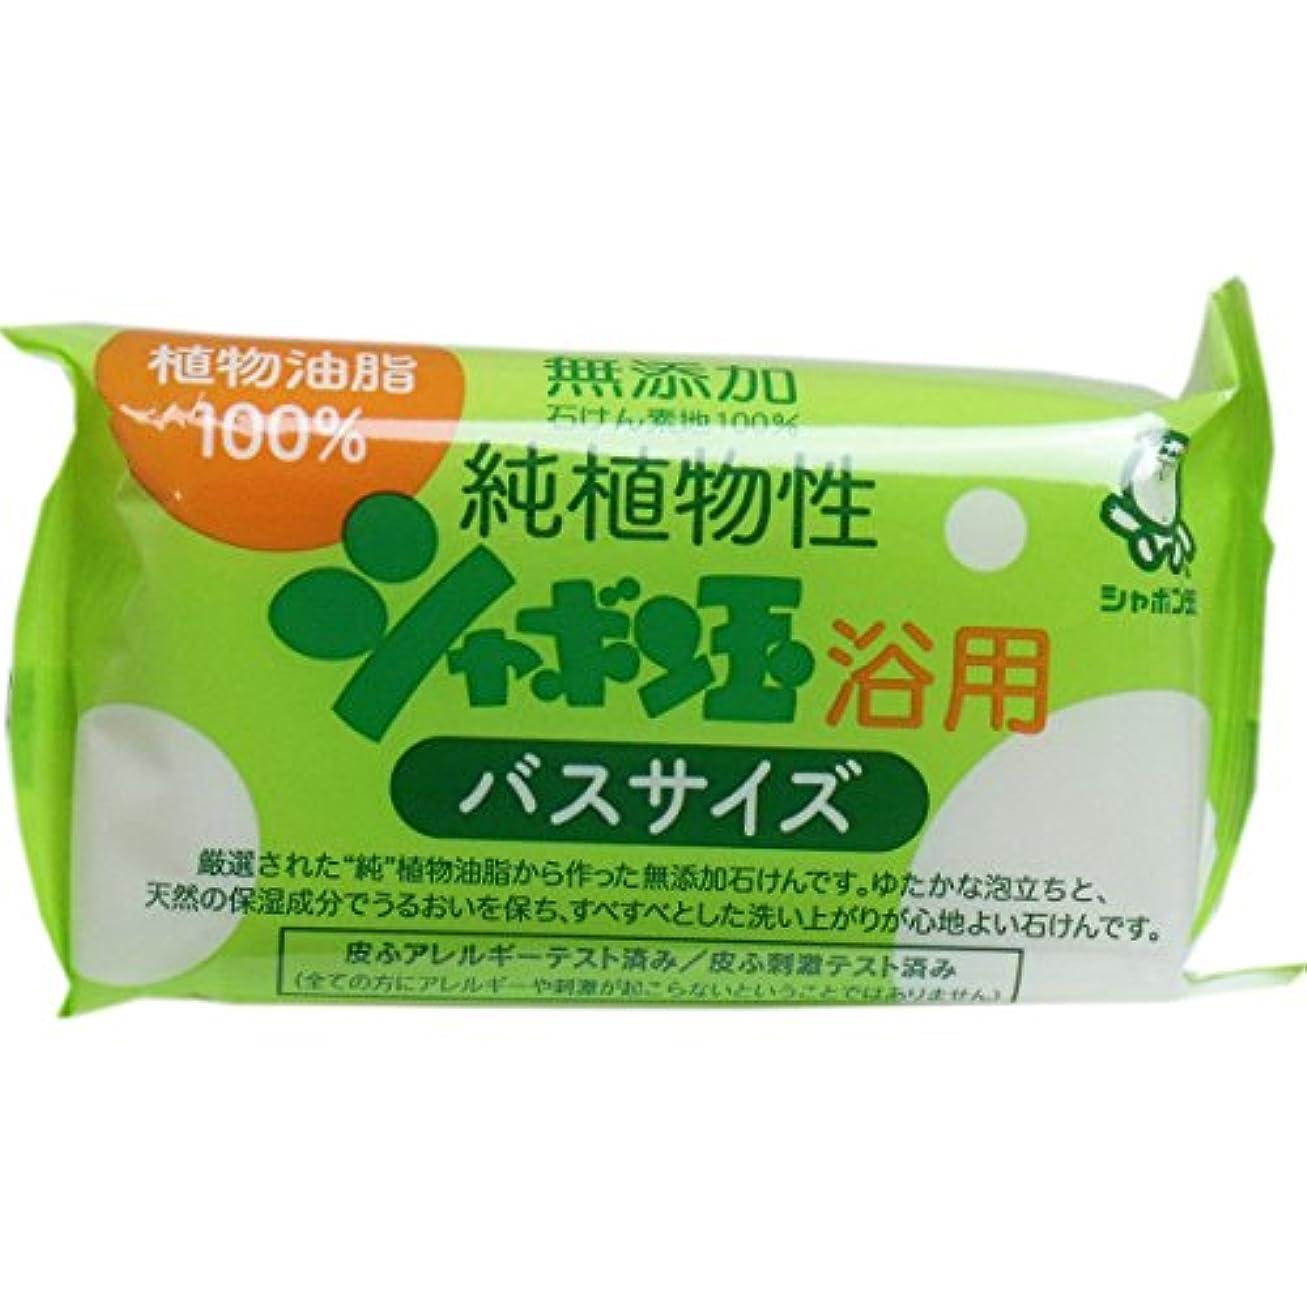 温かい十代芸術的無添加 シャボン玉 純植物性浴用石けん バスサイズ 155g(無添加石鹸)